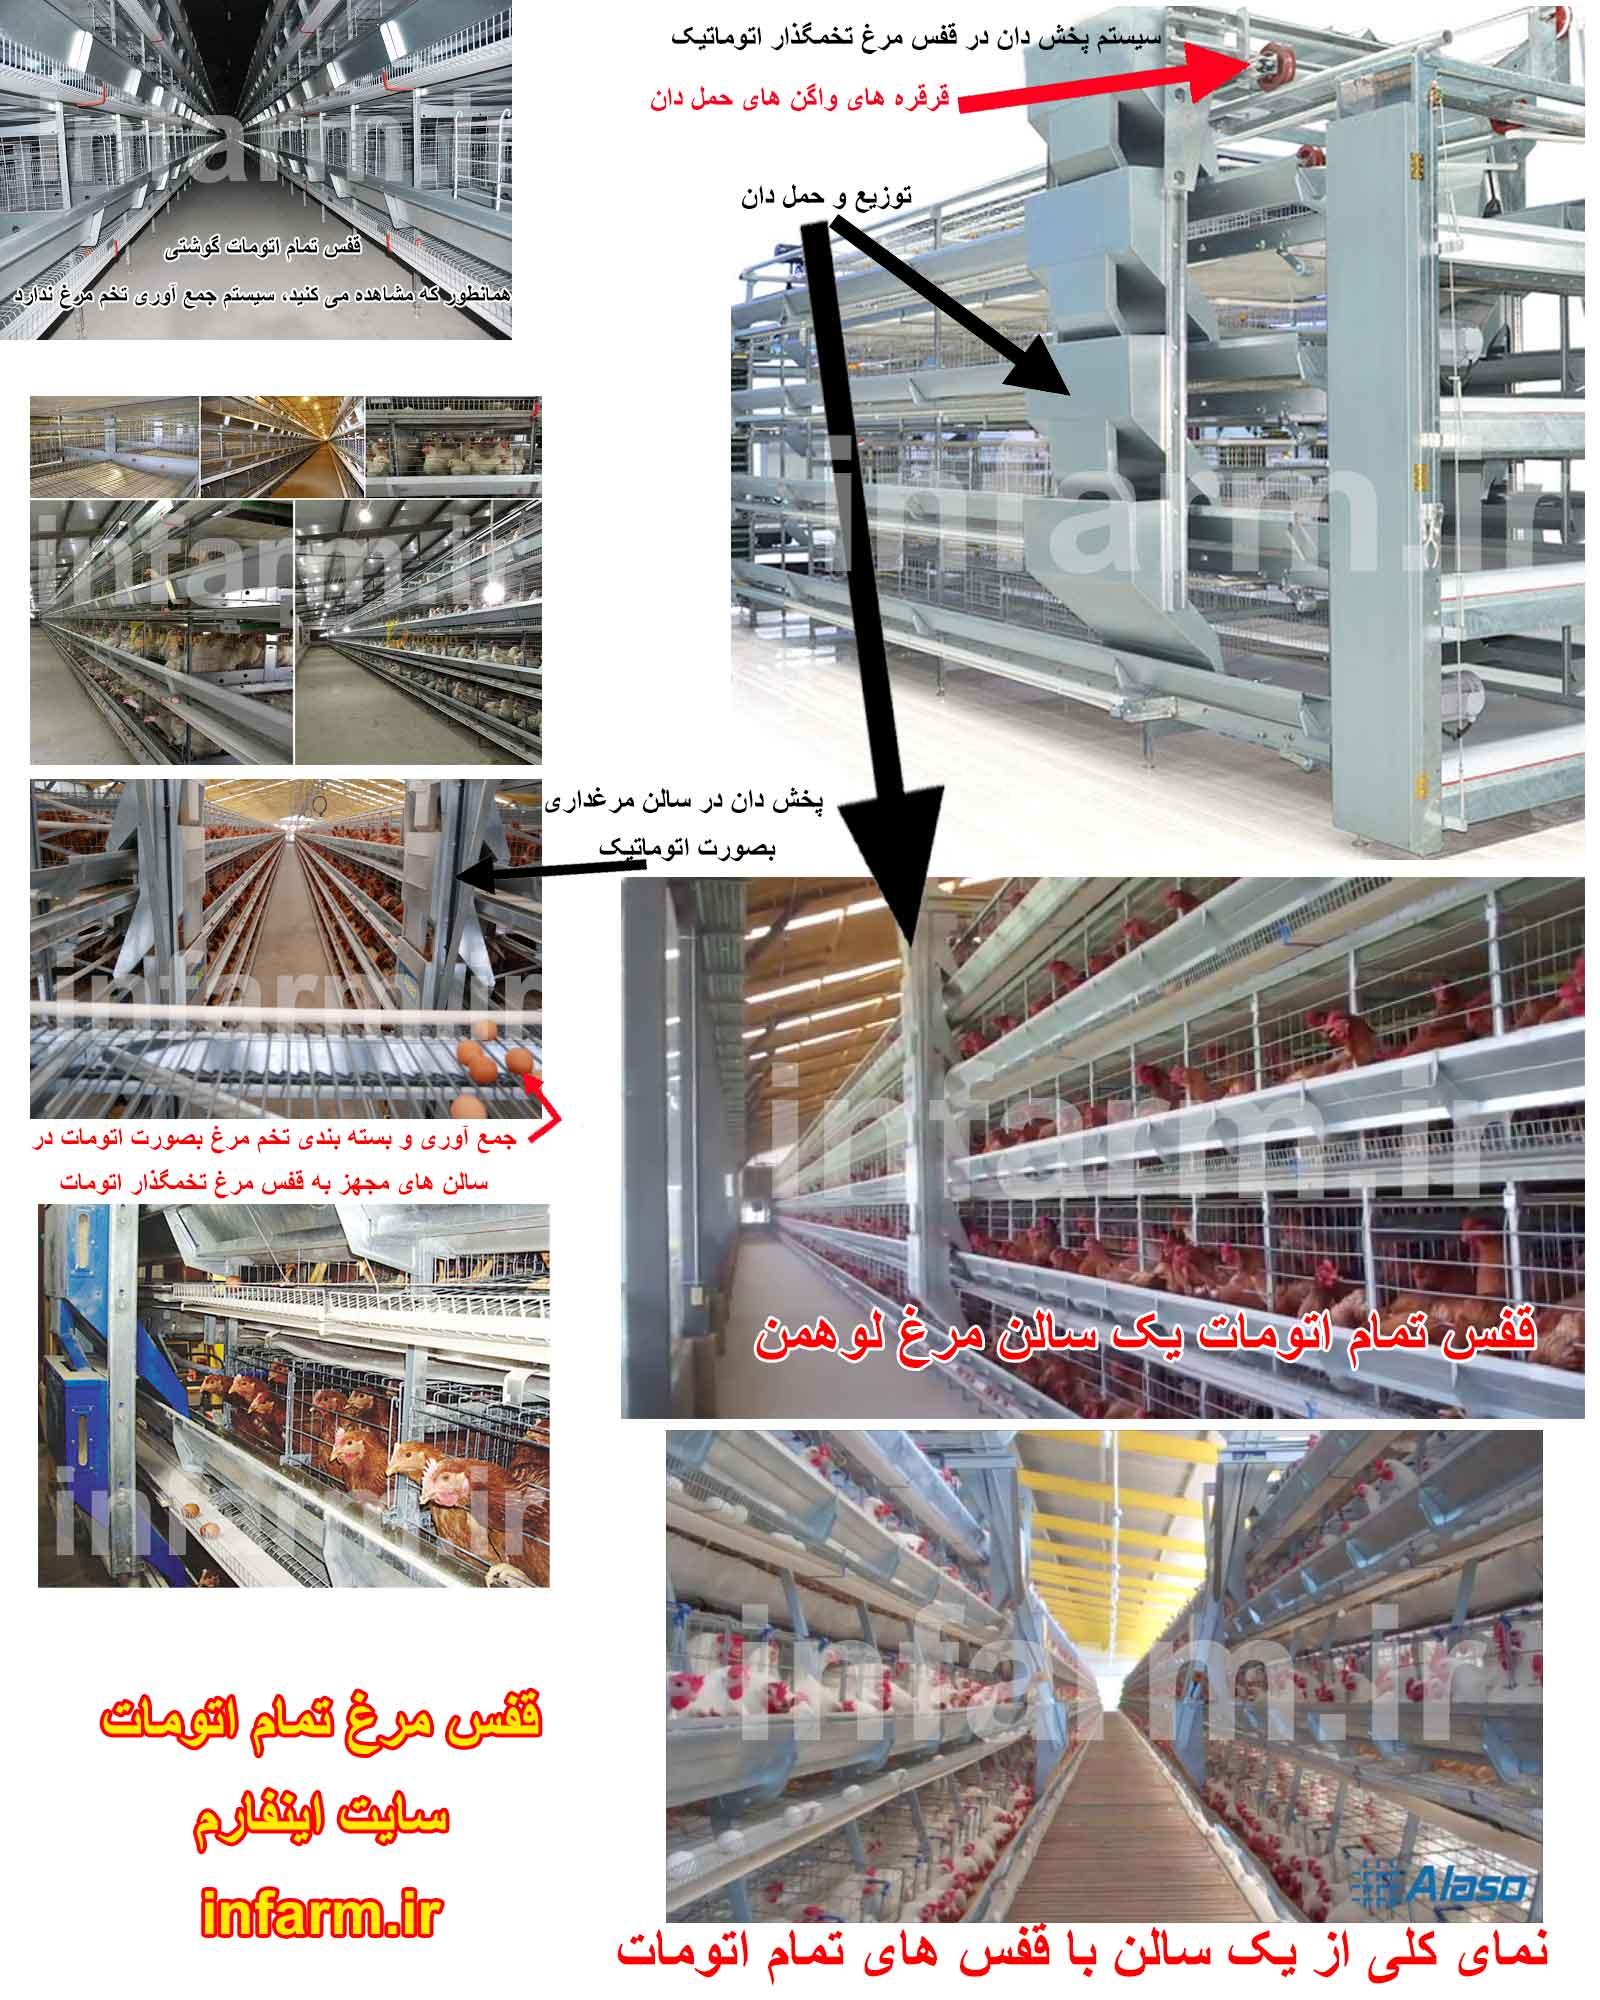 قفس مرغ تخمگذار تمام اتومات ایرادات+ برتریها برای انتخاب بهتر خرید قفس مرغ تخمگذار